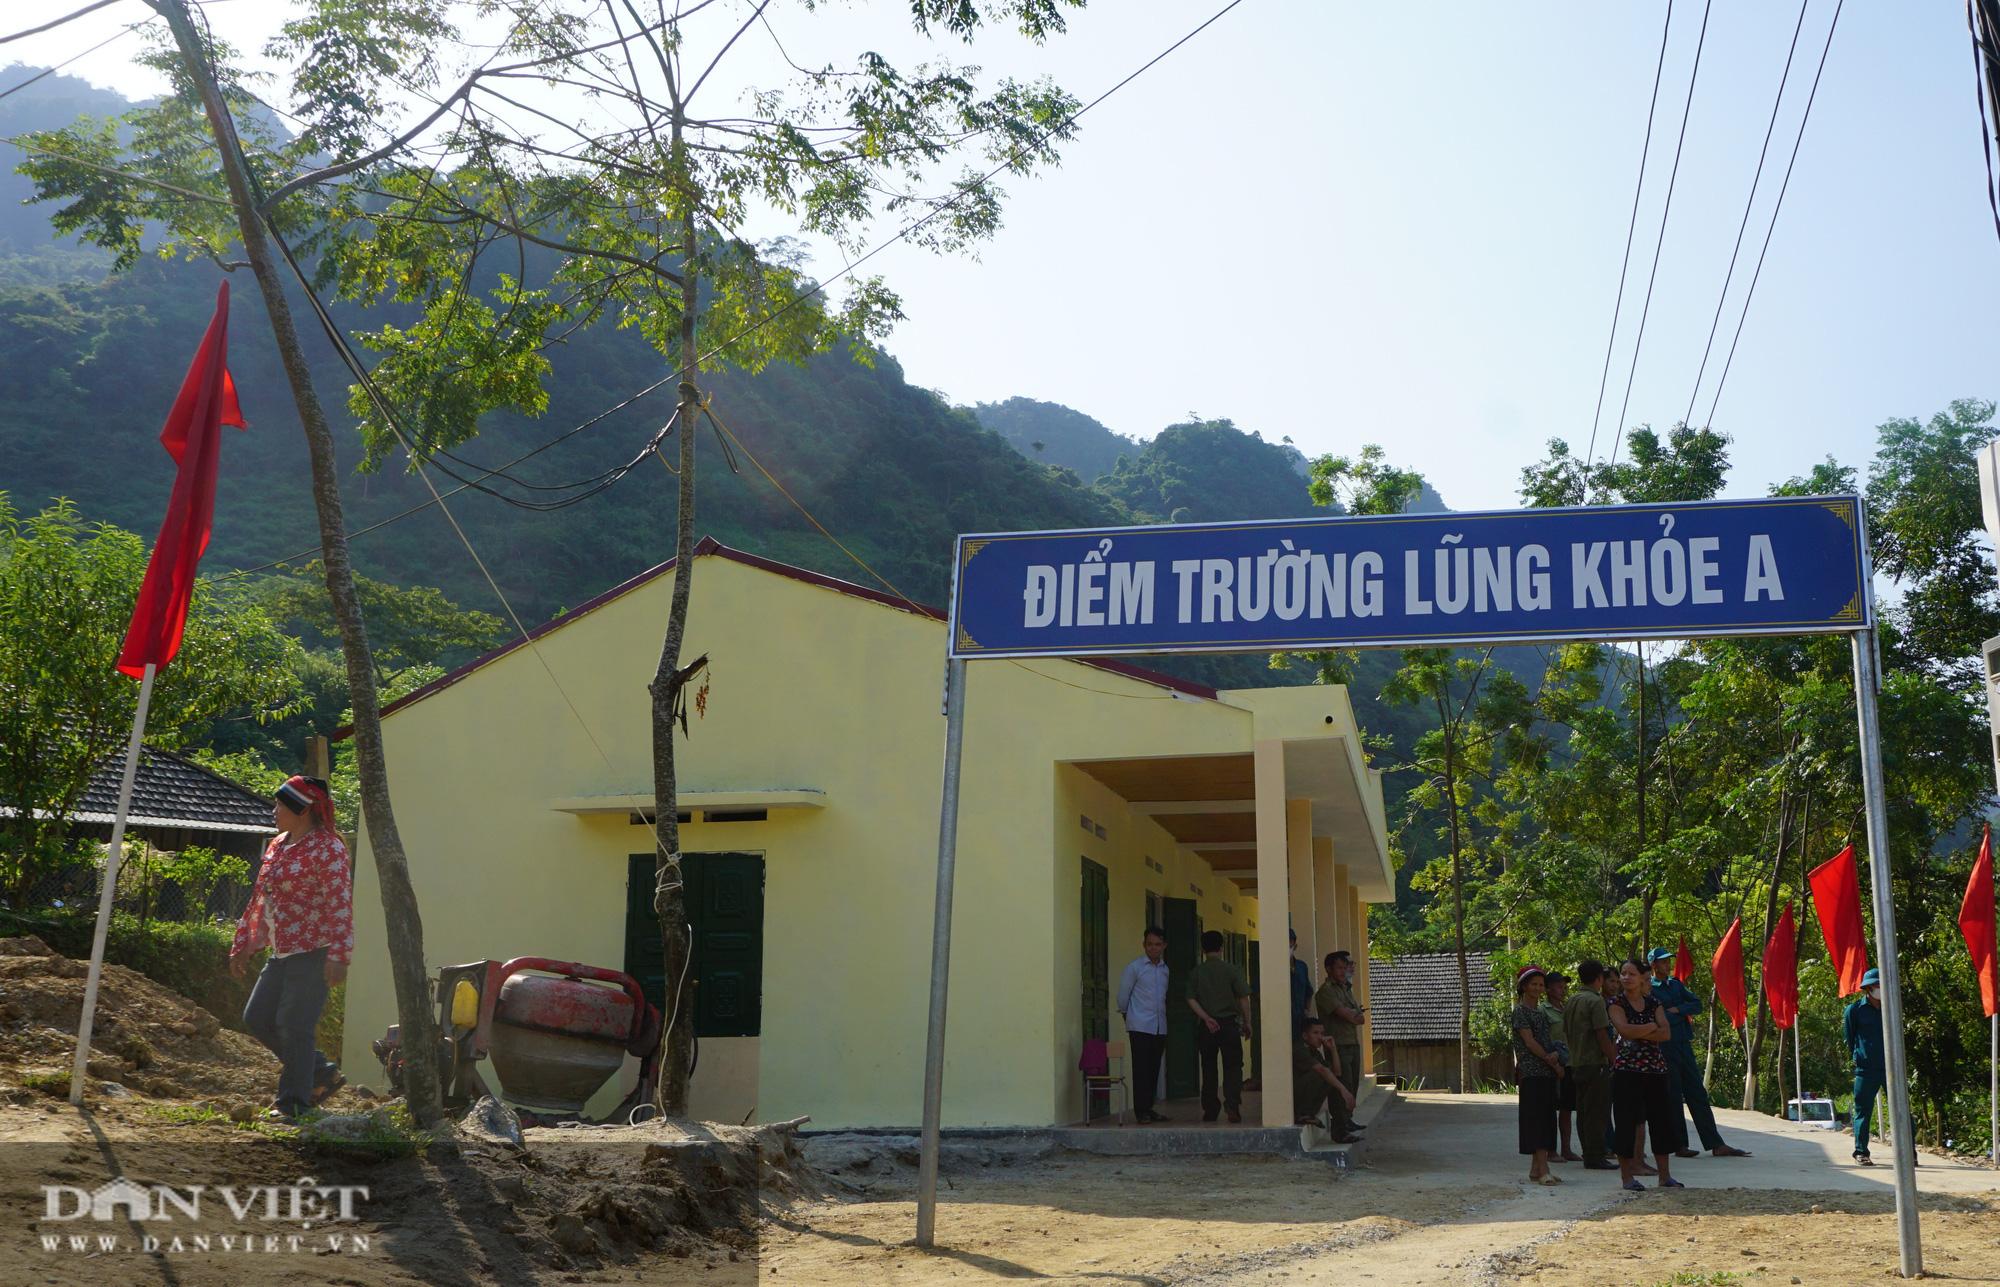 """Báo NTNN/Dân Việt - Quỹ Thiện Tâm: Khánh thành """"điểm trường mơ ước"""" đầu tiên tại Hà Giang - Ảnh 1."""